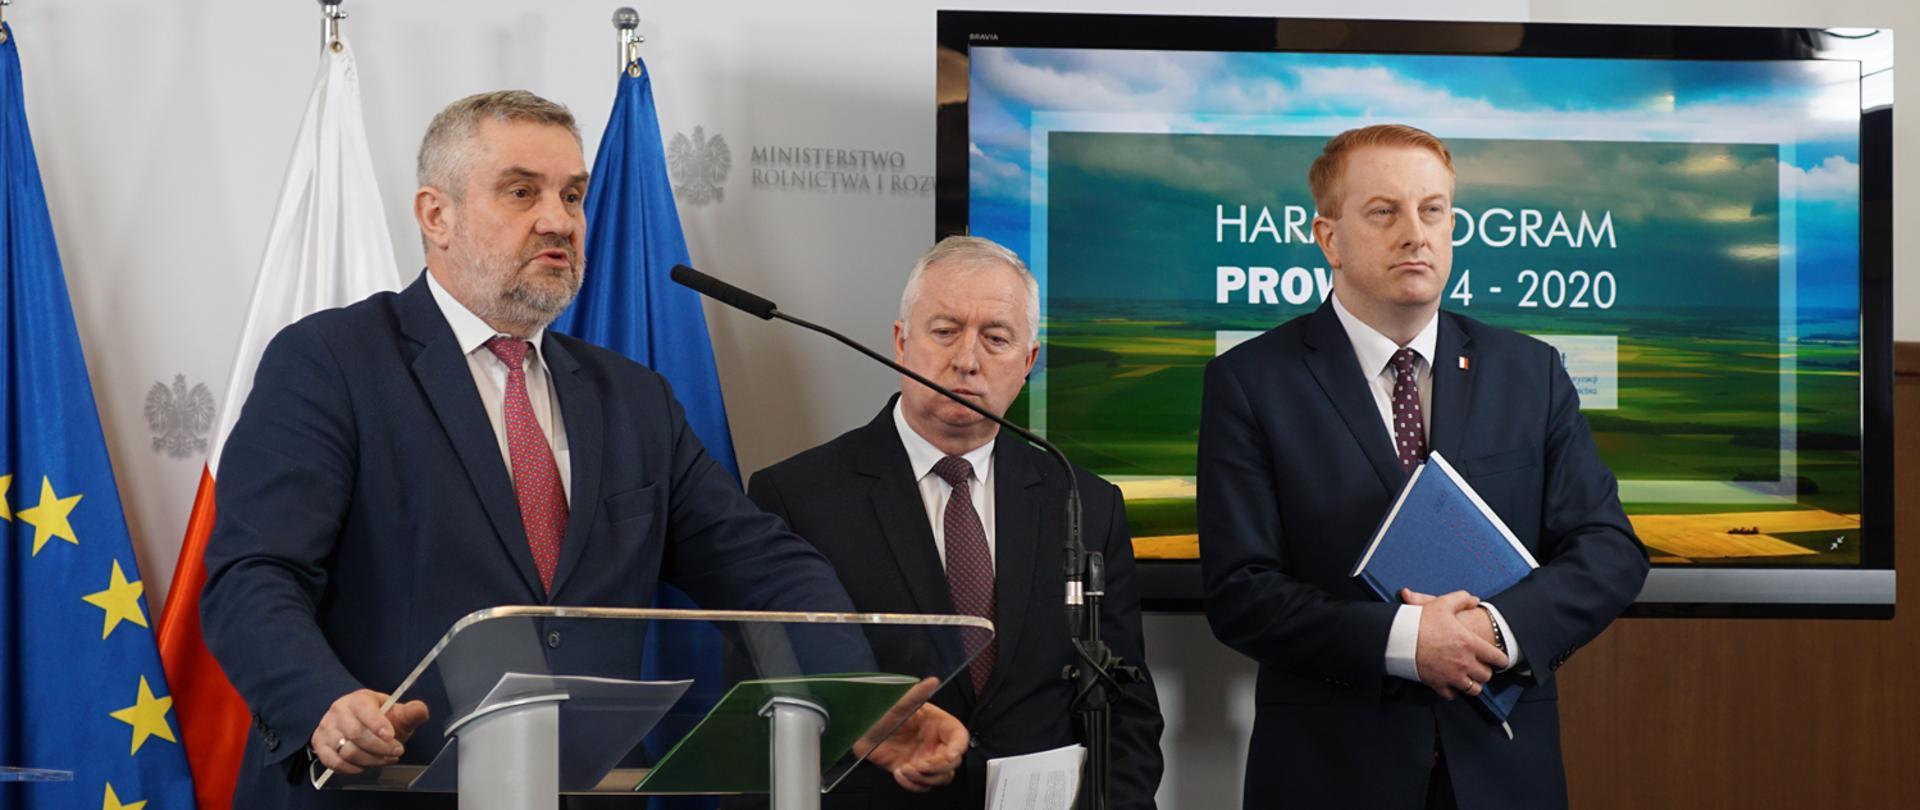 Budżet na rolnictwo zapowiada się optymistycznie